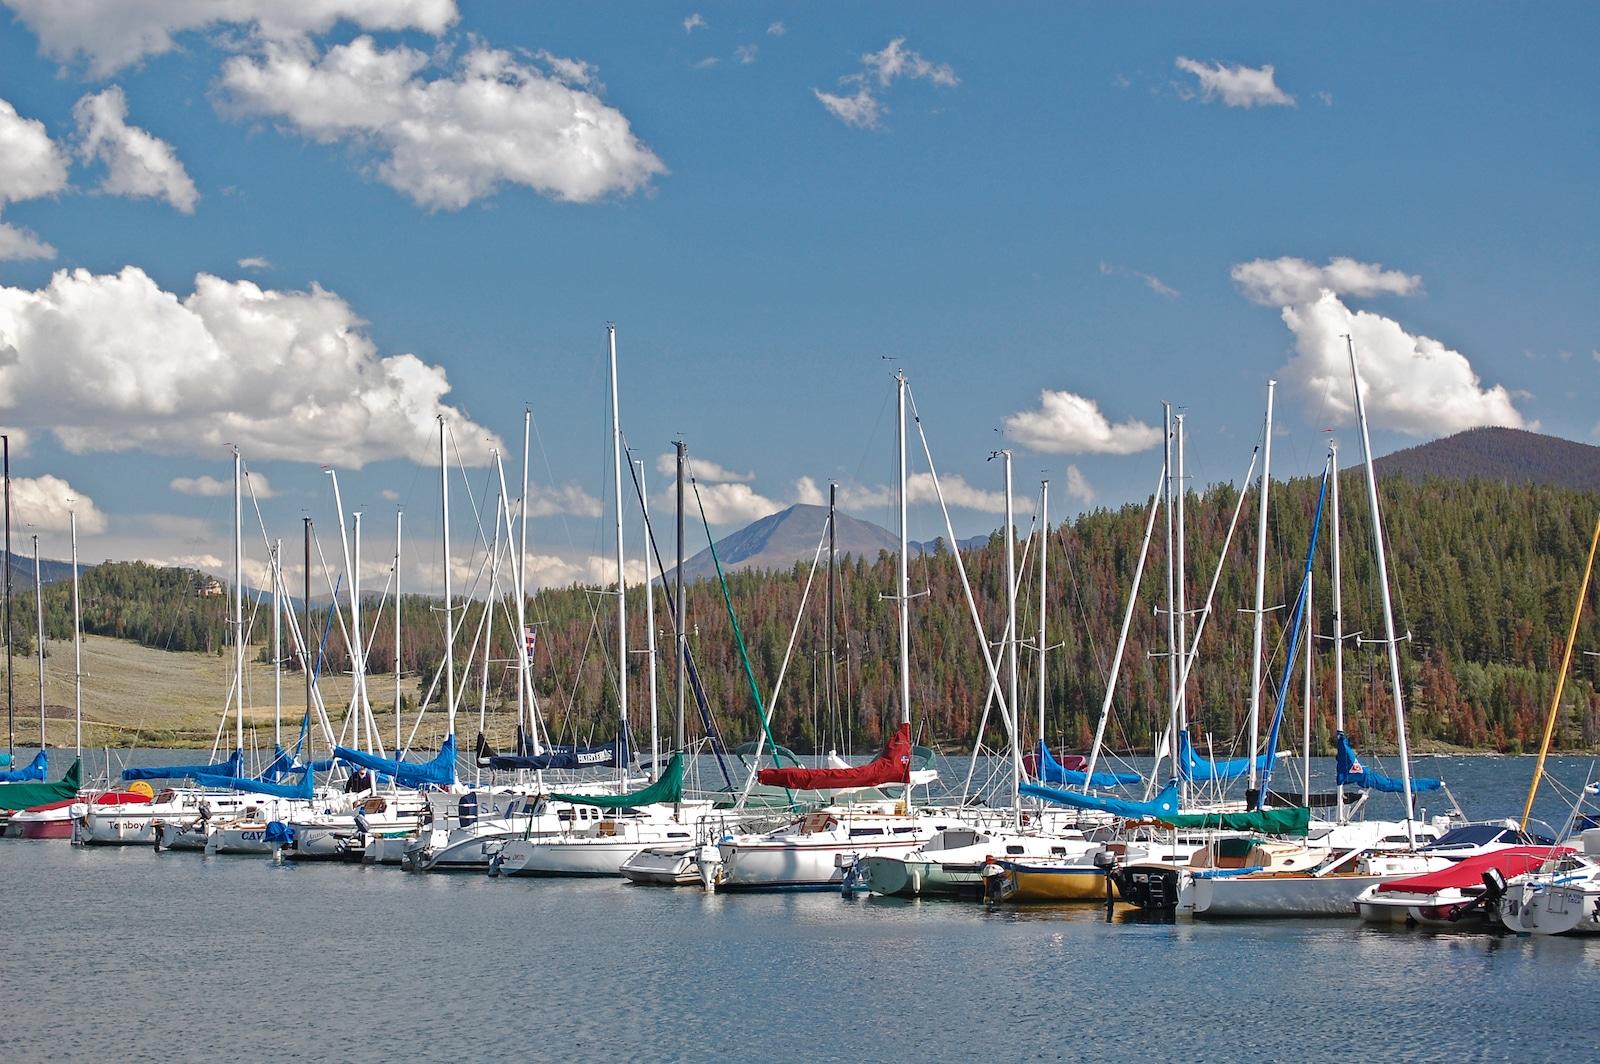 Dillon Marina, Dillon Reservoir, Colorado